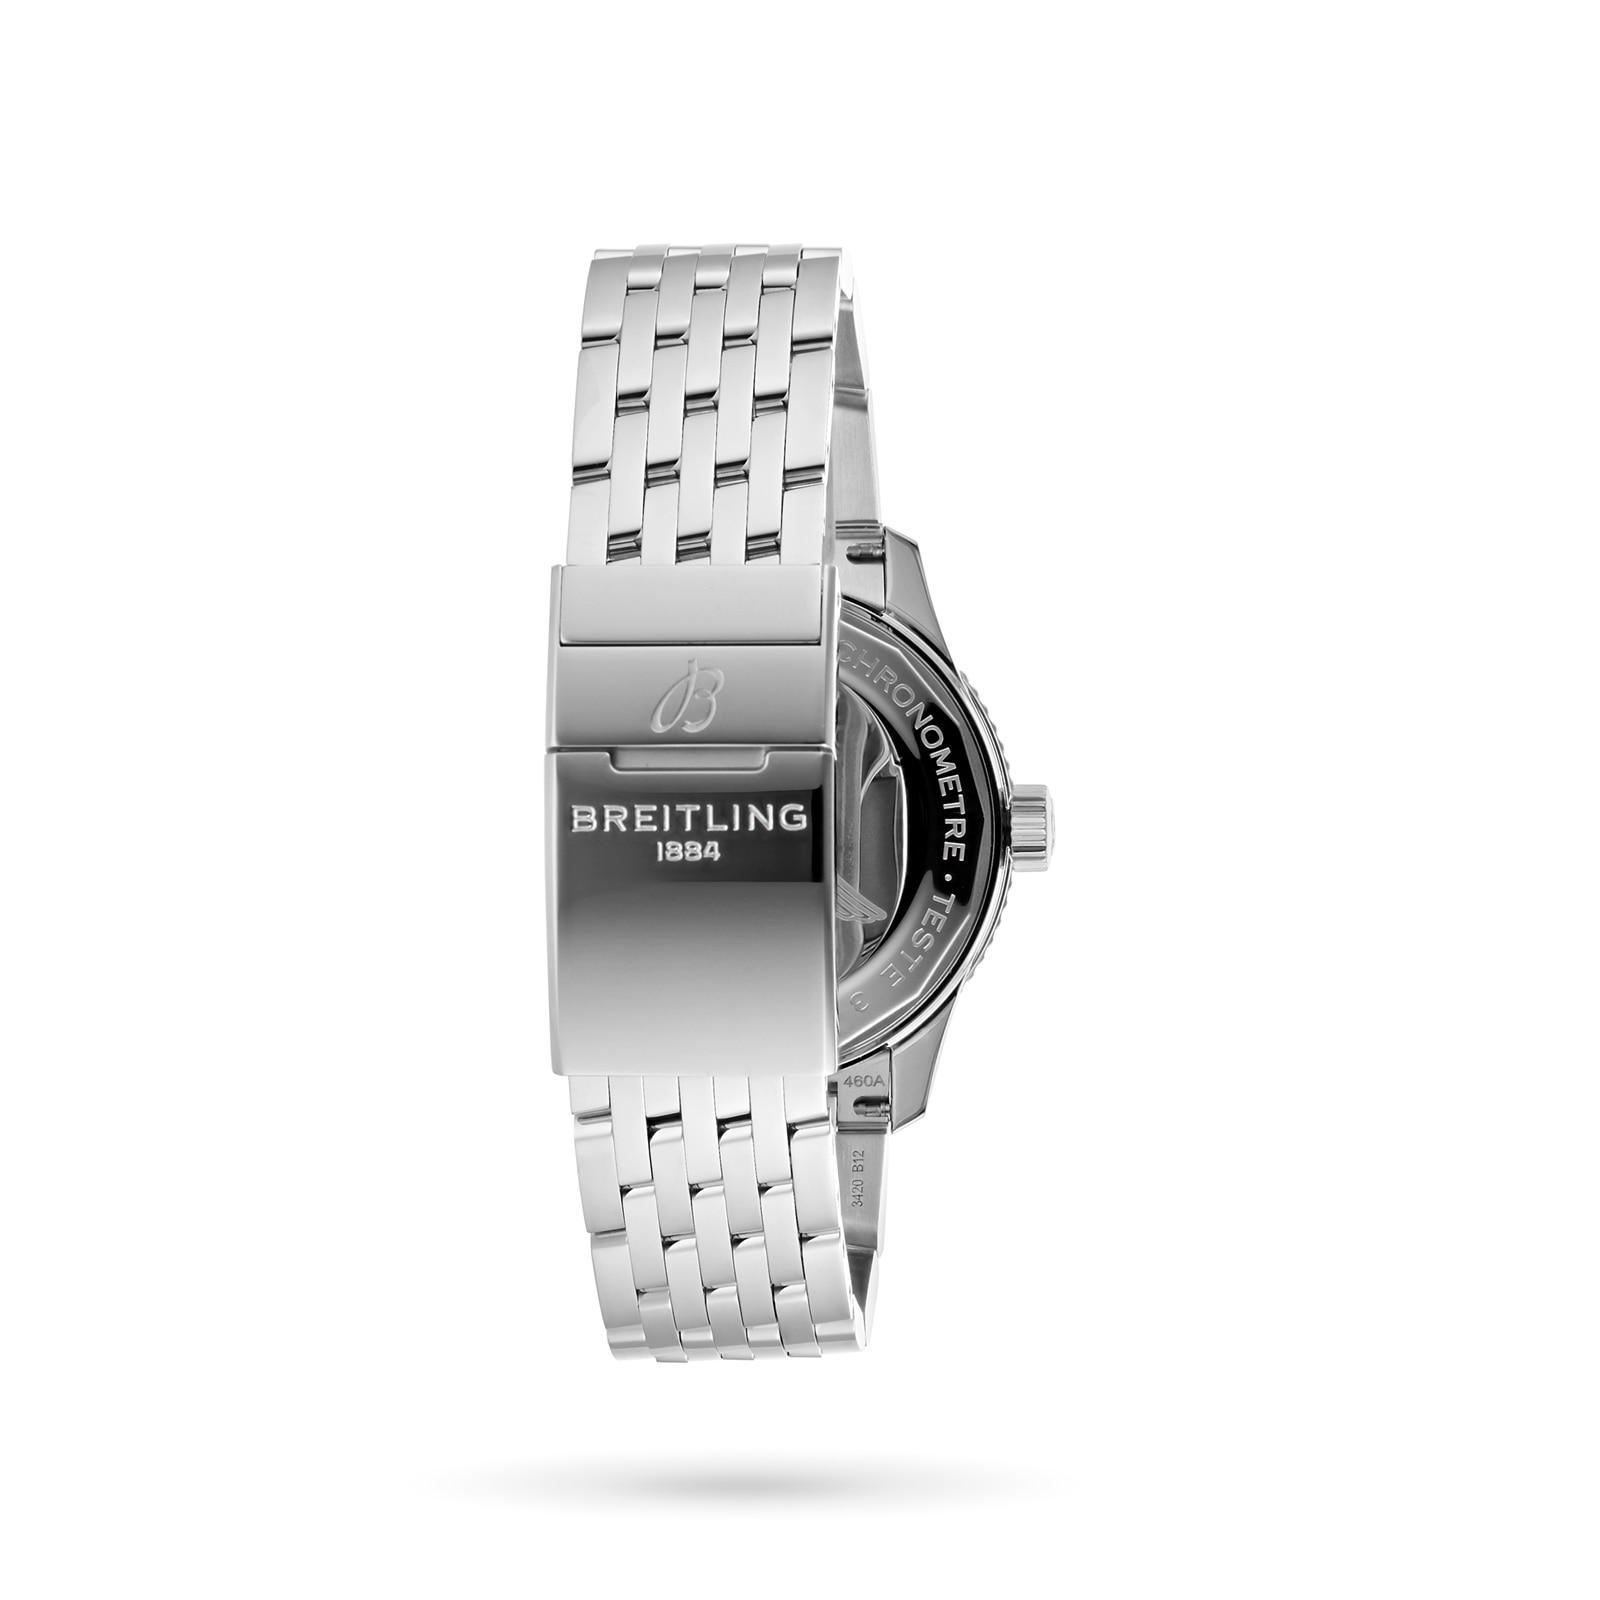 Breitling Navitimer 35 A17395F41G1A1